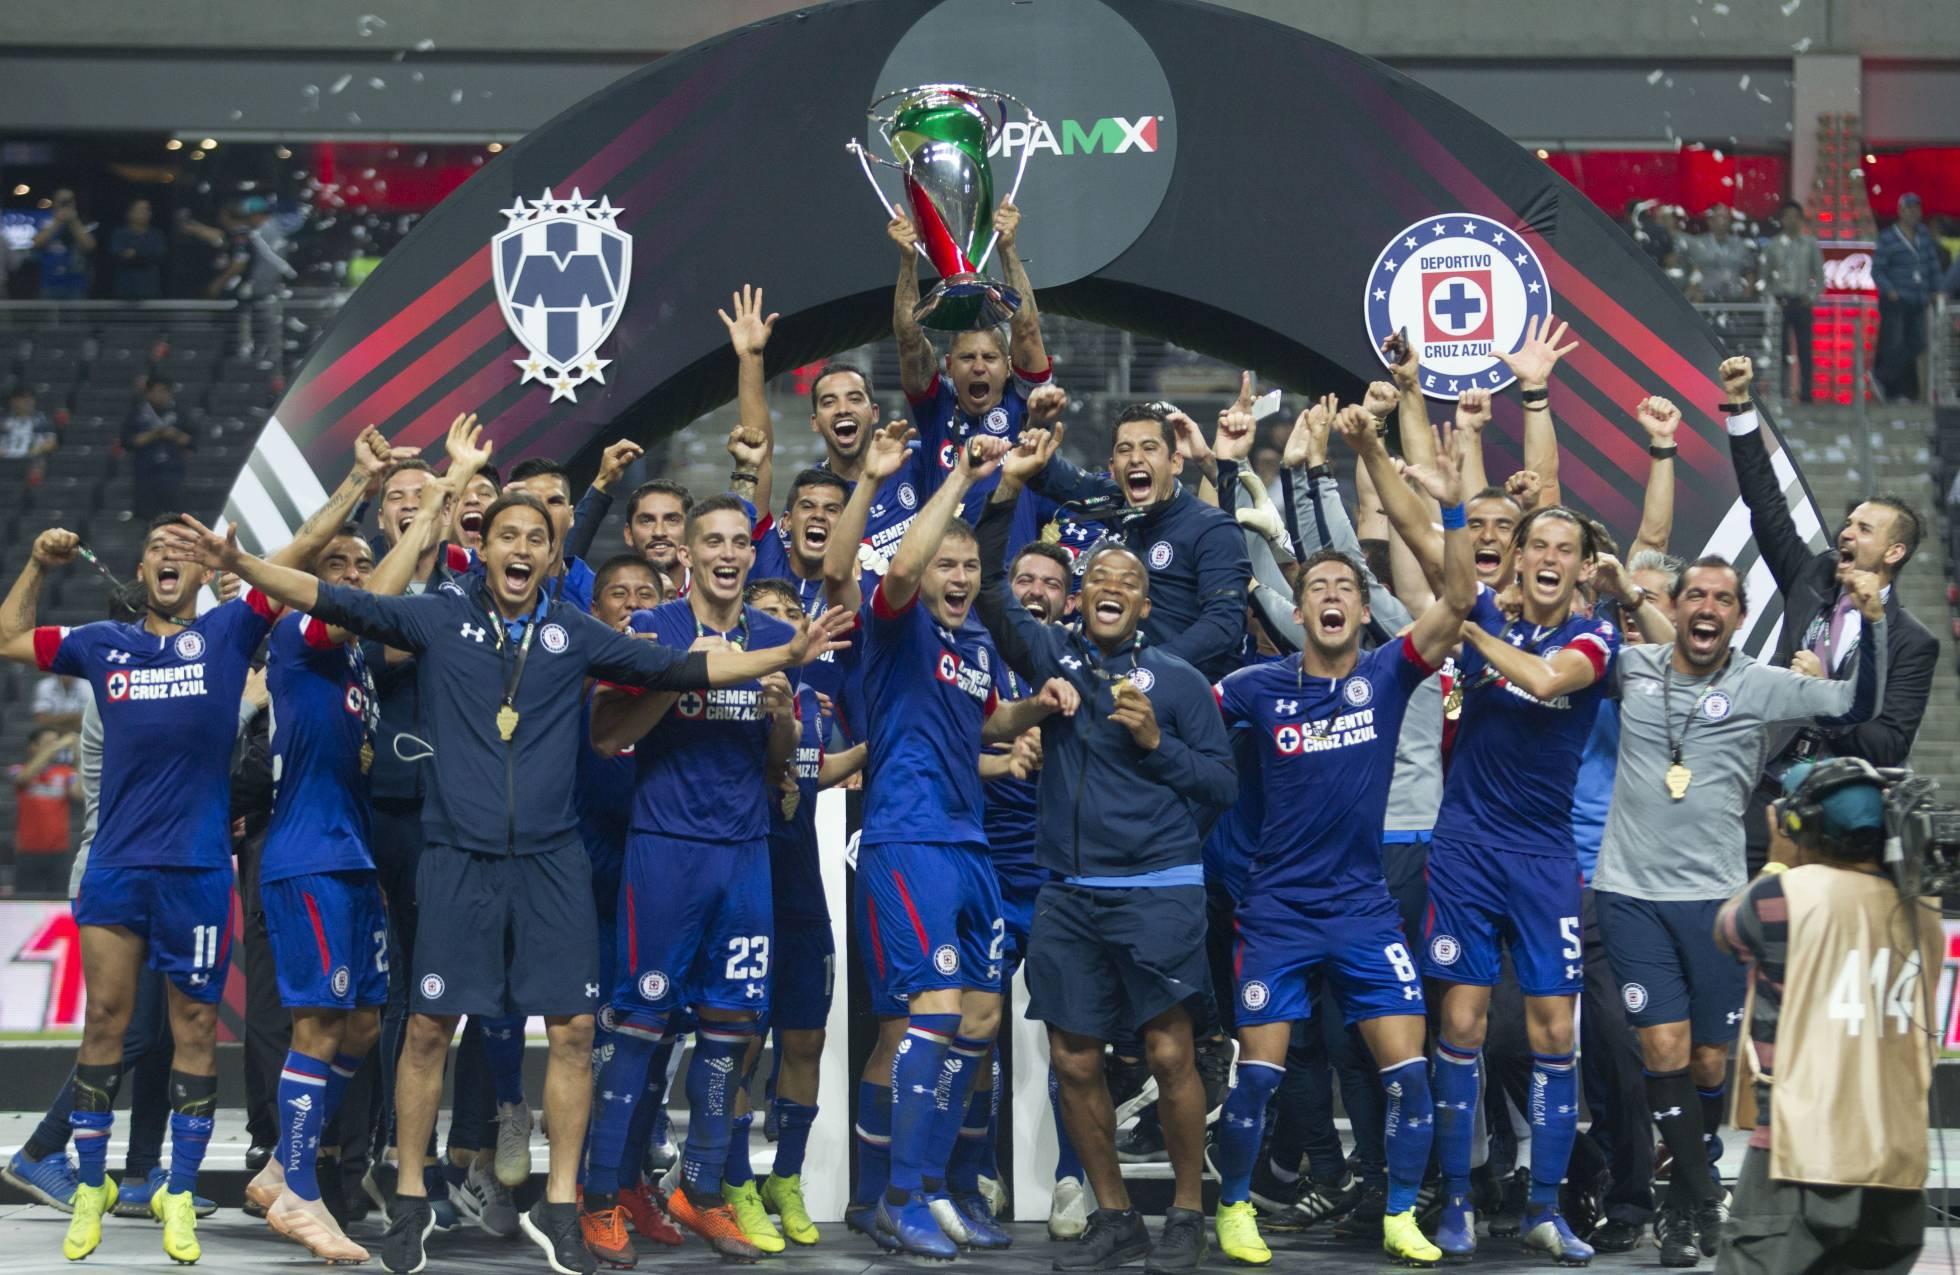 El Cruz Azul le da un revolcón a su embrujo al ganar la copa mexicana